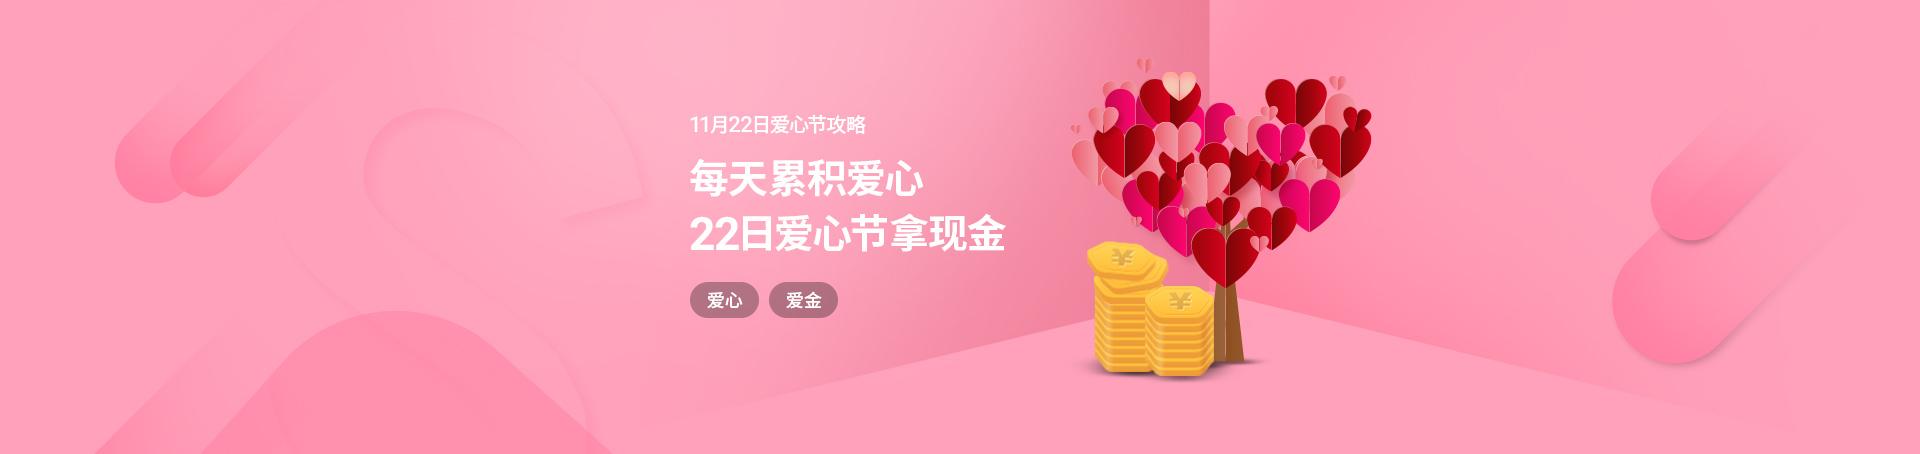 爱心兑换现金